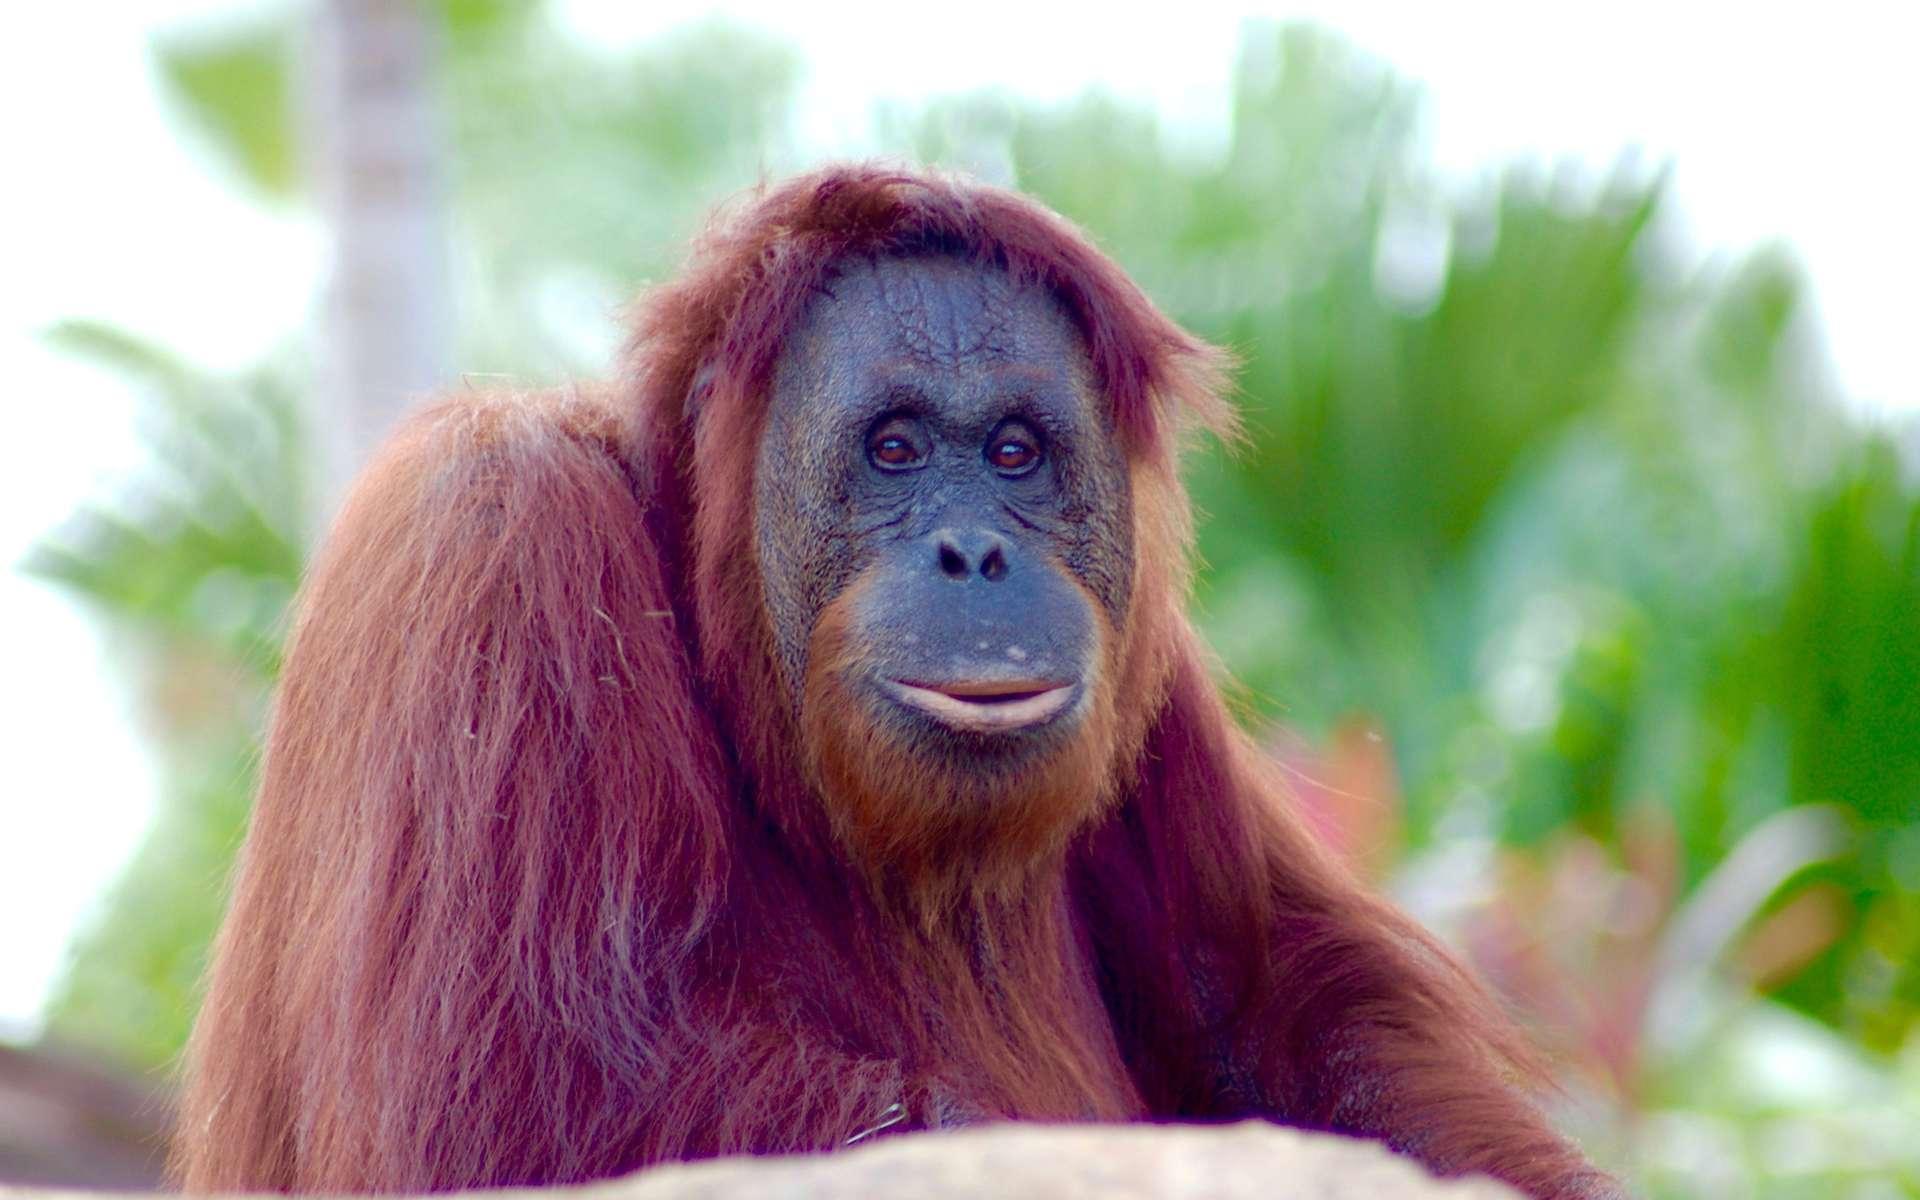 Les orangs-outans, ces grands singes vivant dans les forêts tropicales de l'île de Bornéo, sont en danger d'extinction à cause de la déforestation et de la chasse. © PxHere